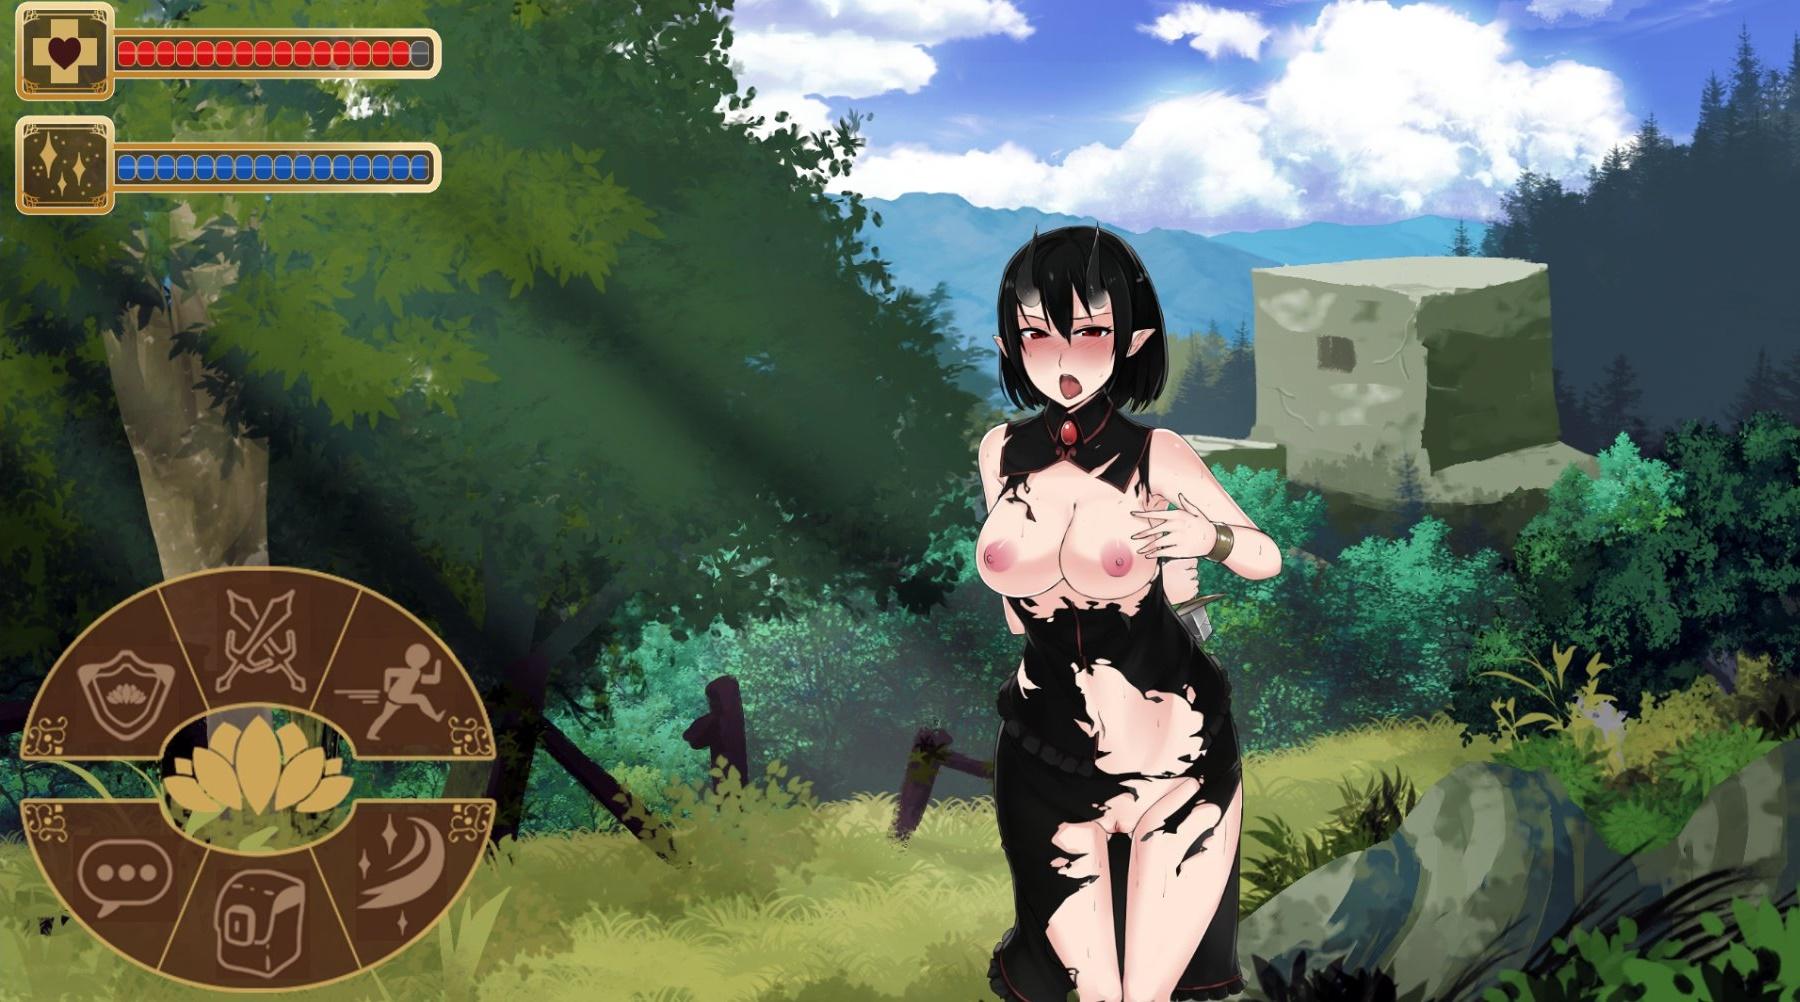 karma sutra hentai game masturbating enemy girl nutaku download